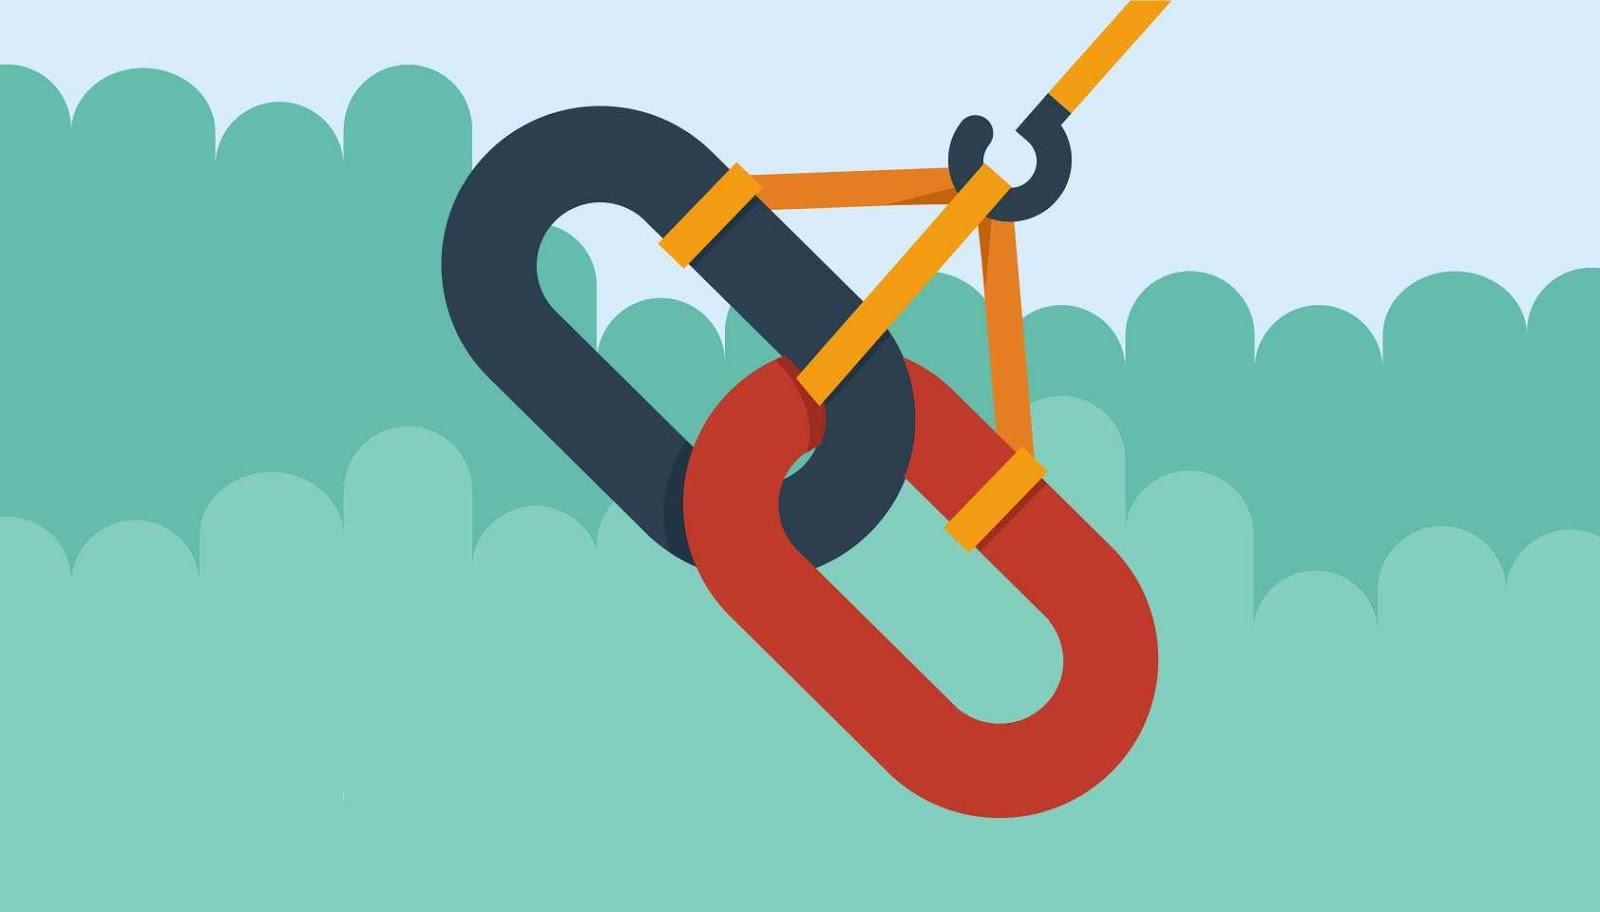 ما هو الباكلينك backlinks أو الروابط الخارجية؟ وكيف تقوم ببنائها لتقوية سيو SEO موقعك؟